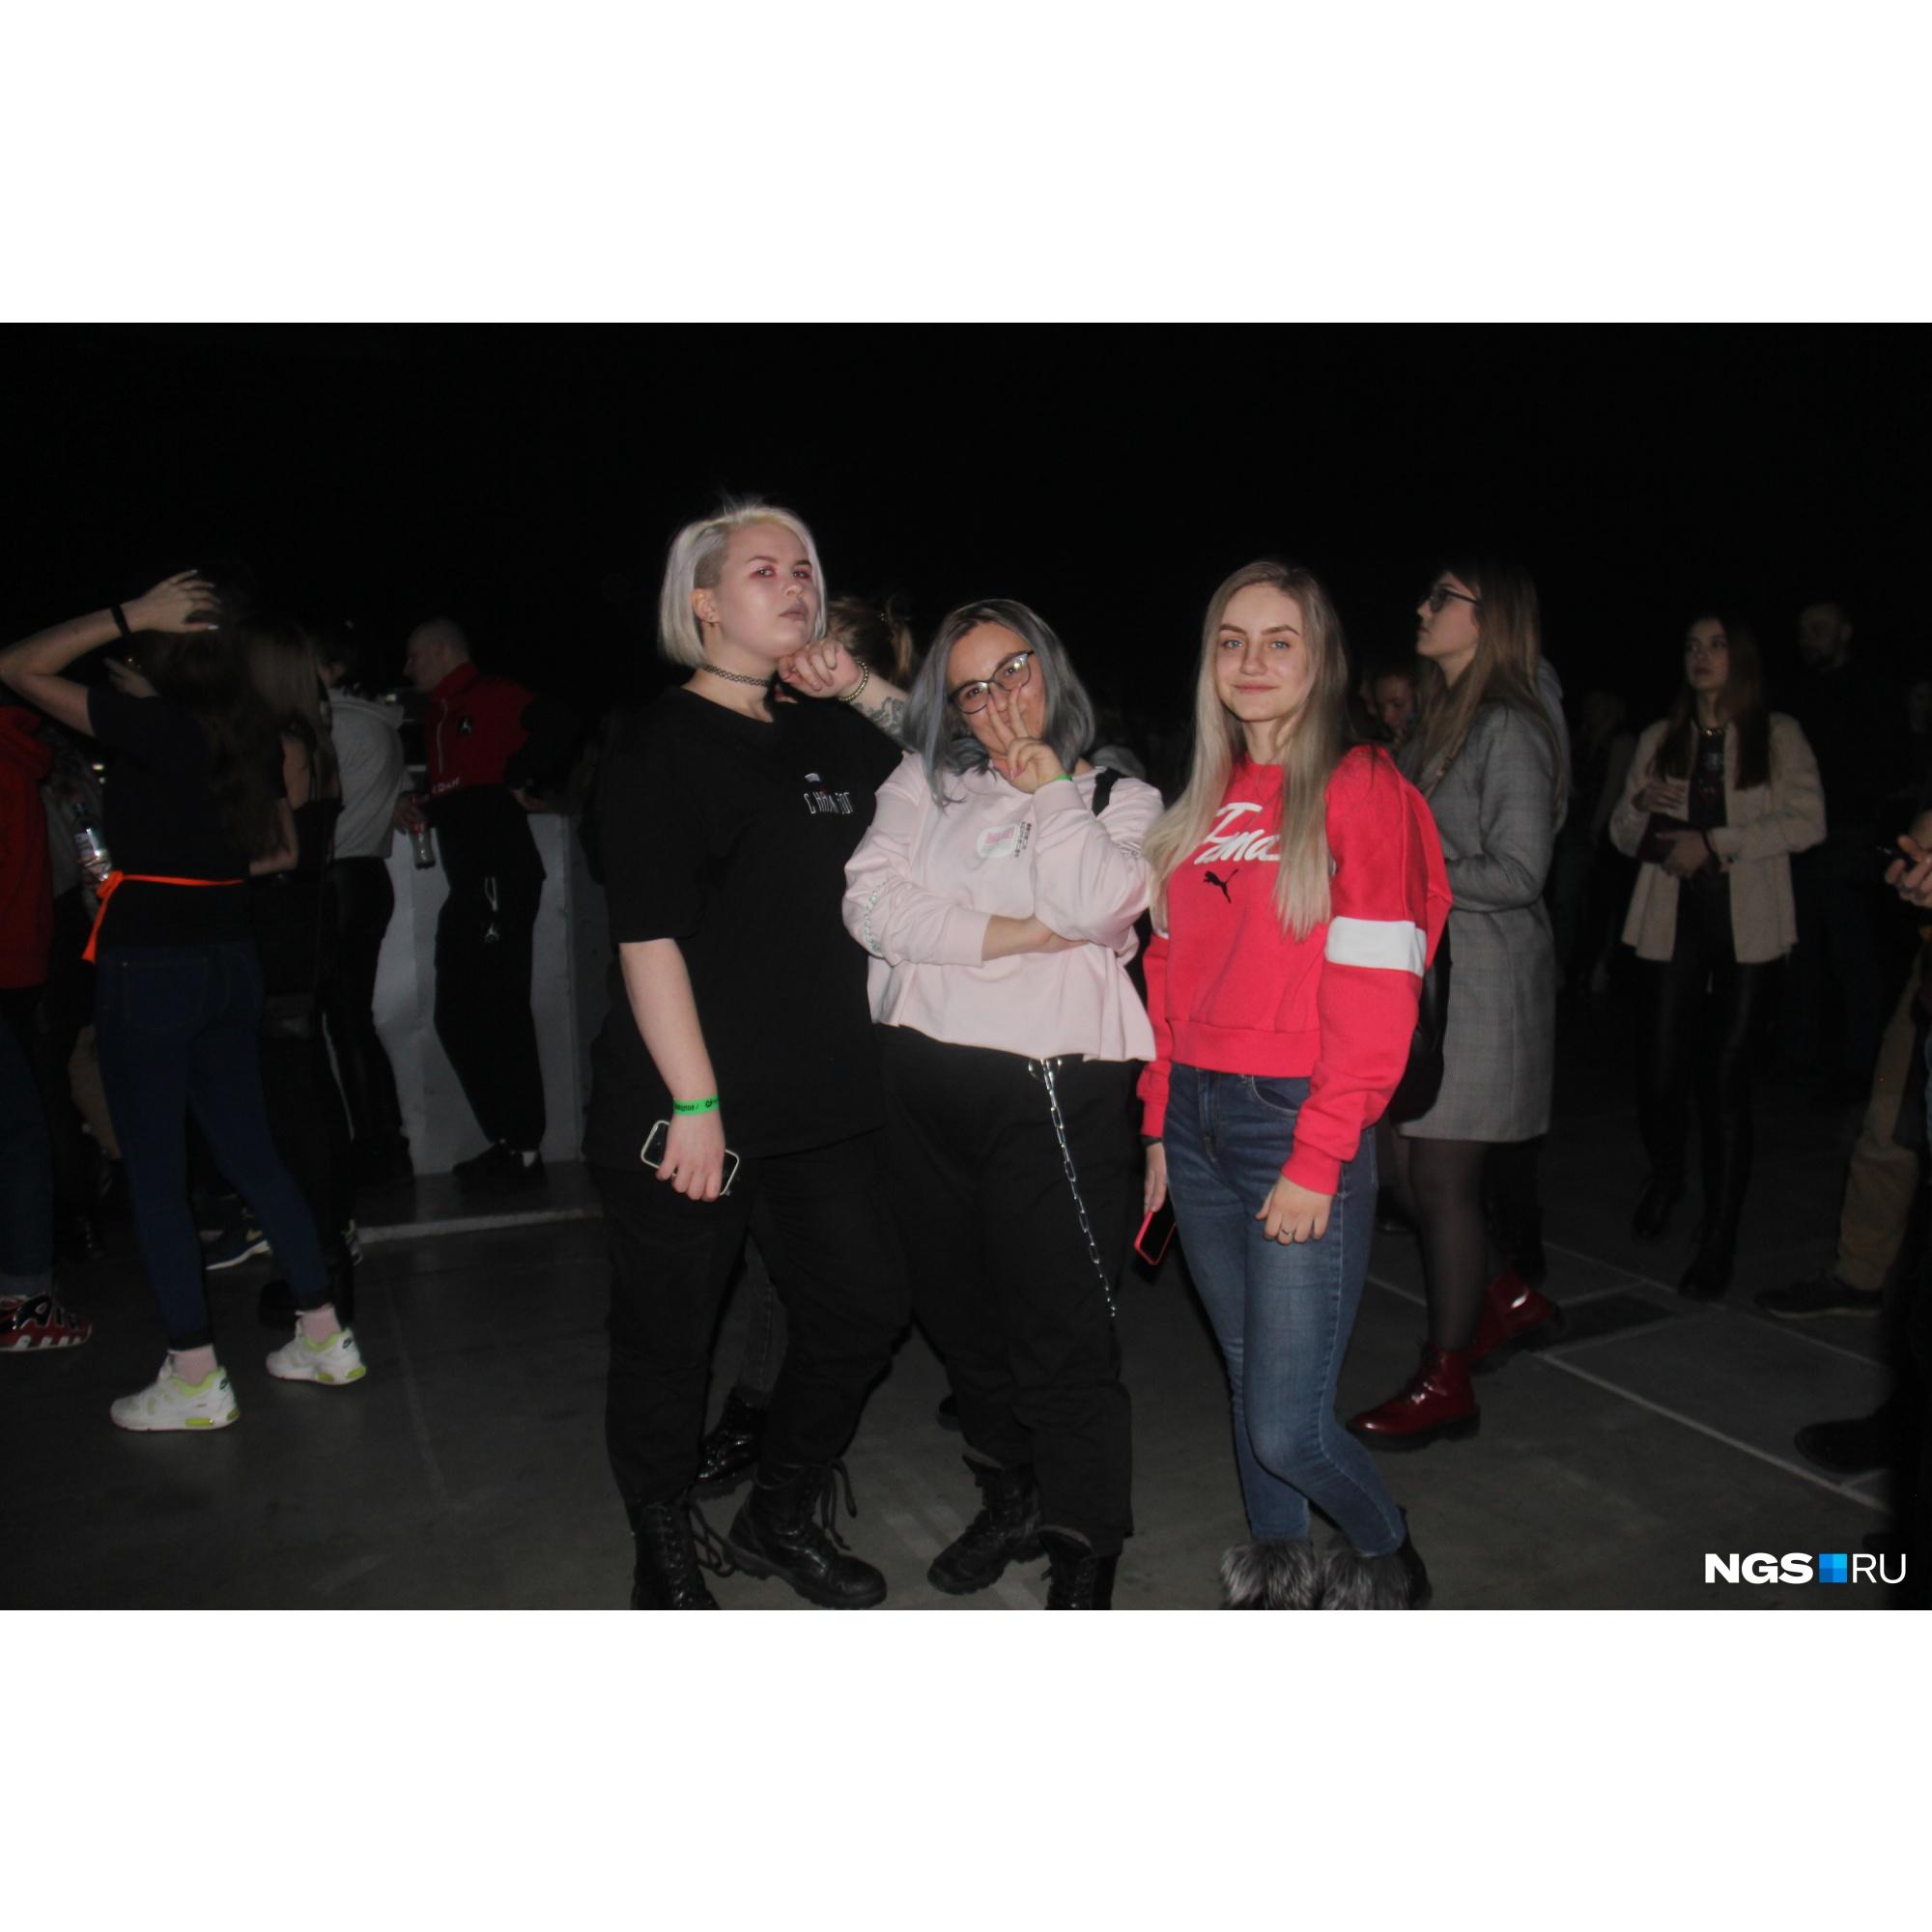 Настя, 21 год, Маша, 20 лет и Маша, 21 год пришли на концерт повеселиться